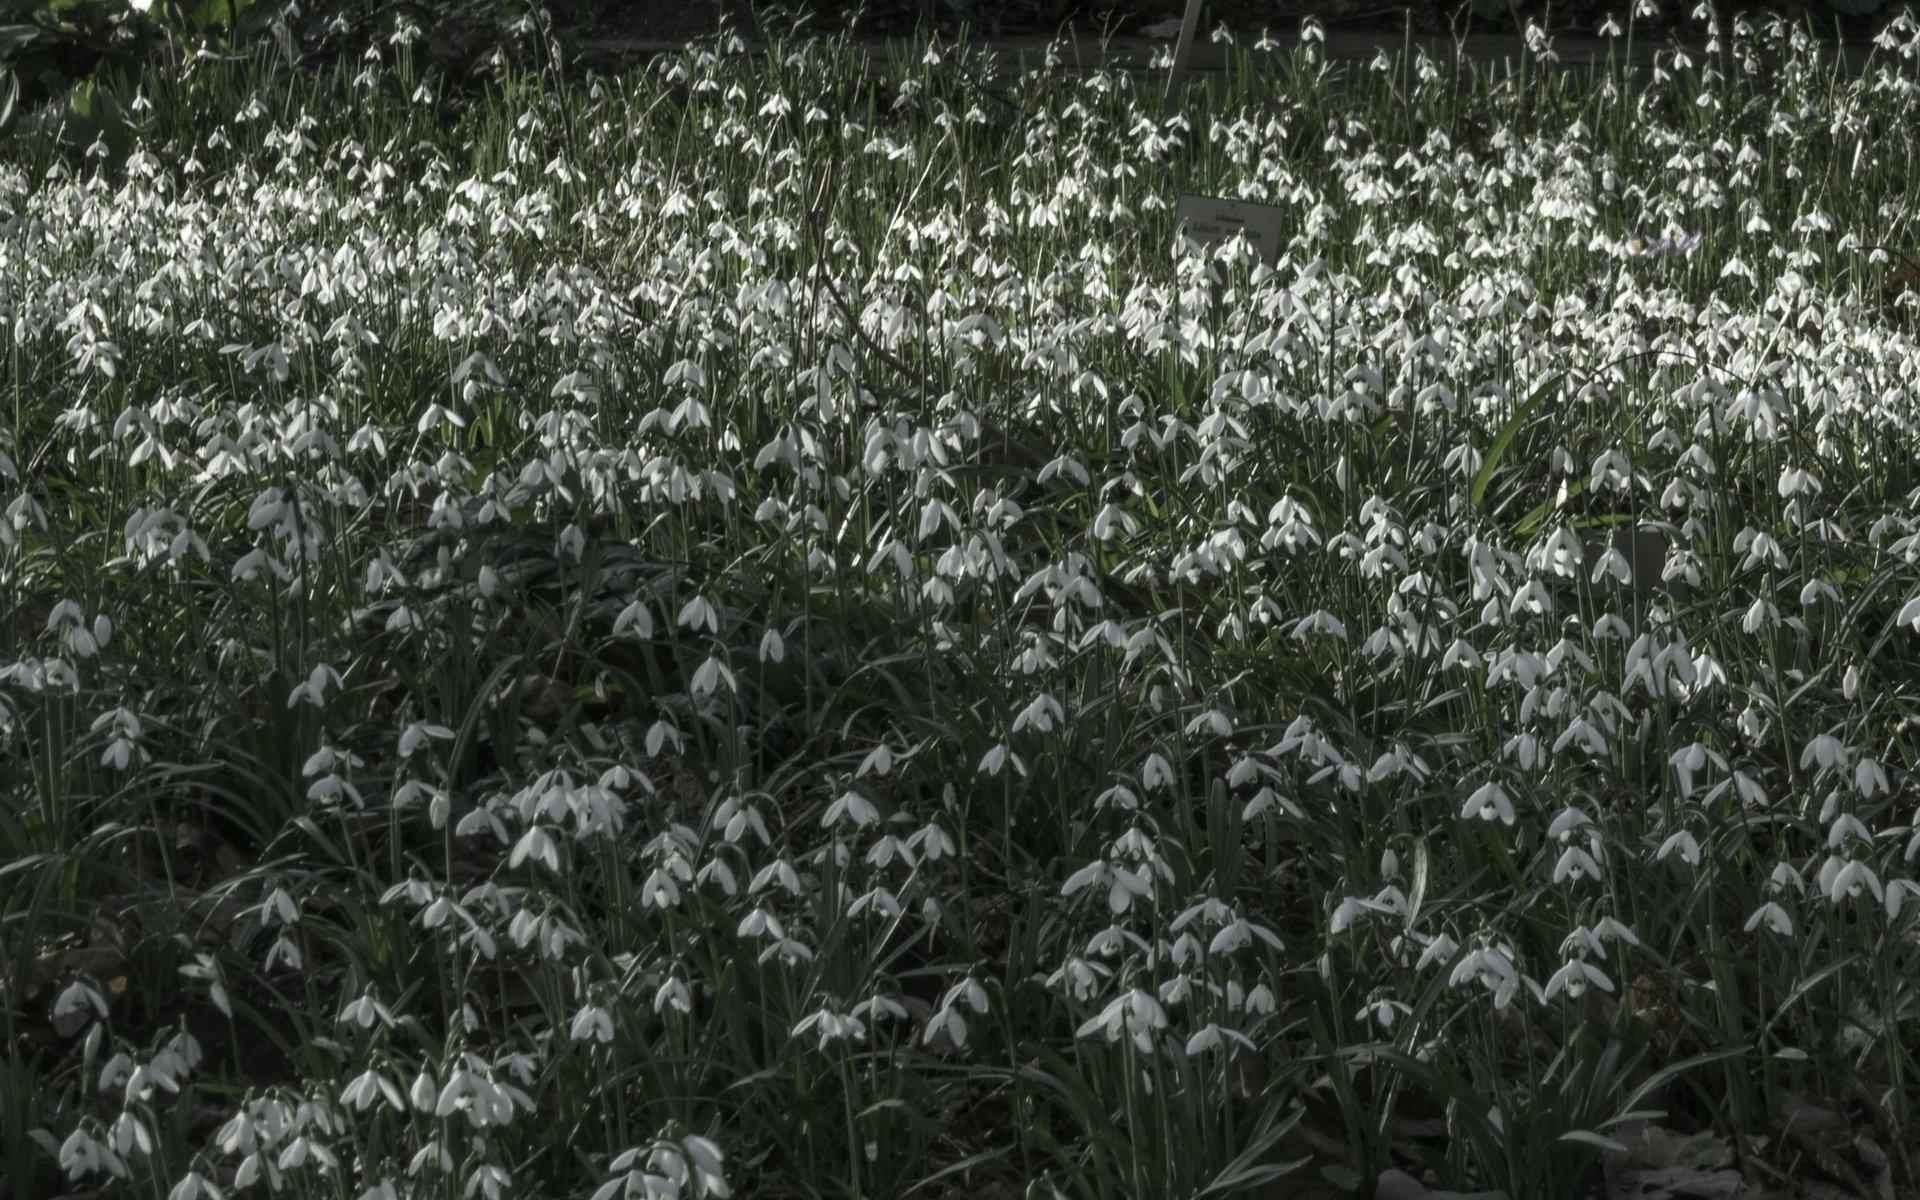 Schneeglöckchen im Staudengrund des Berggartens